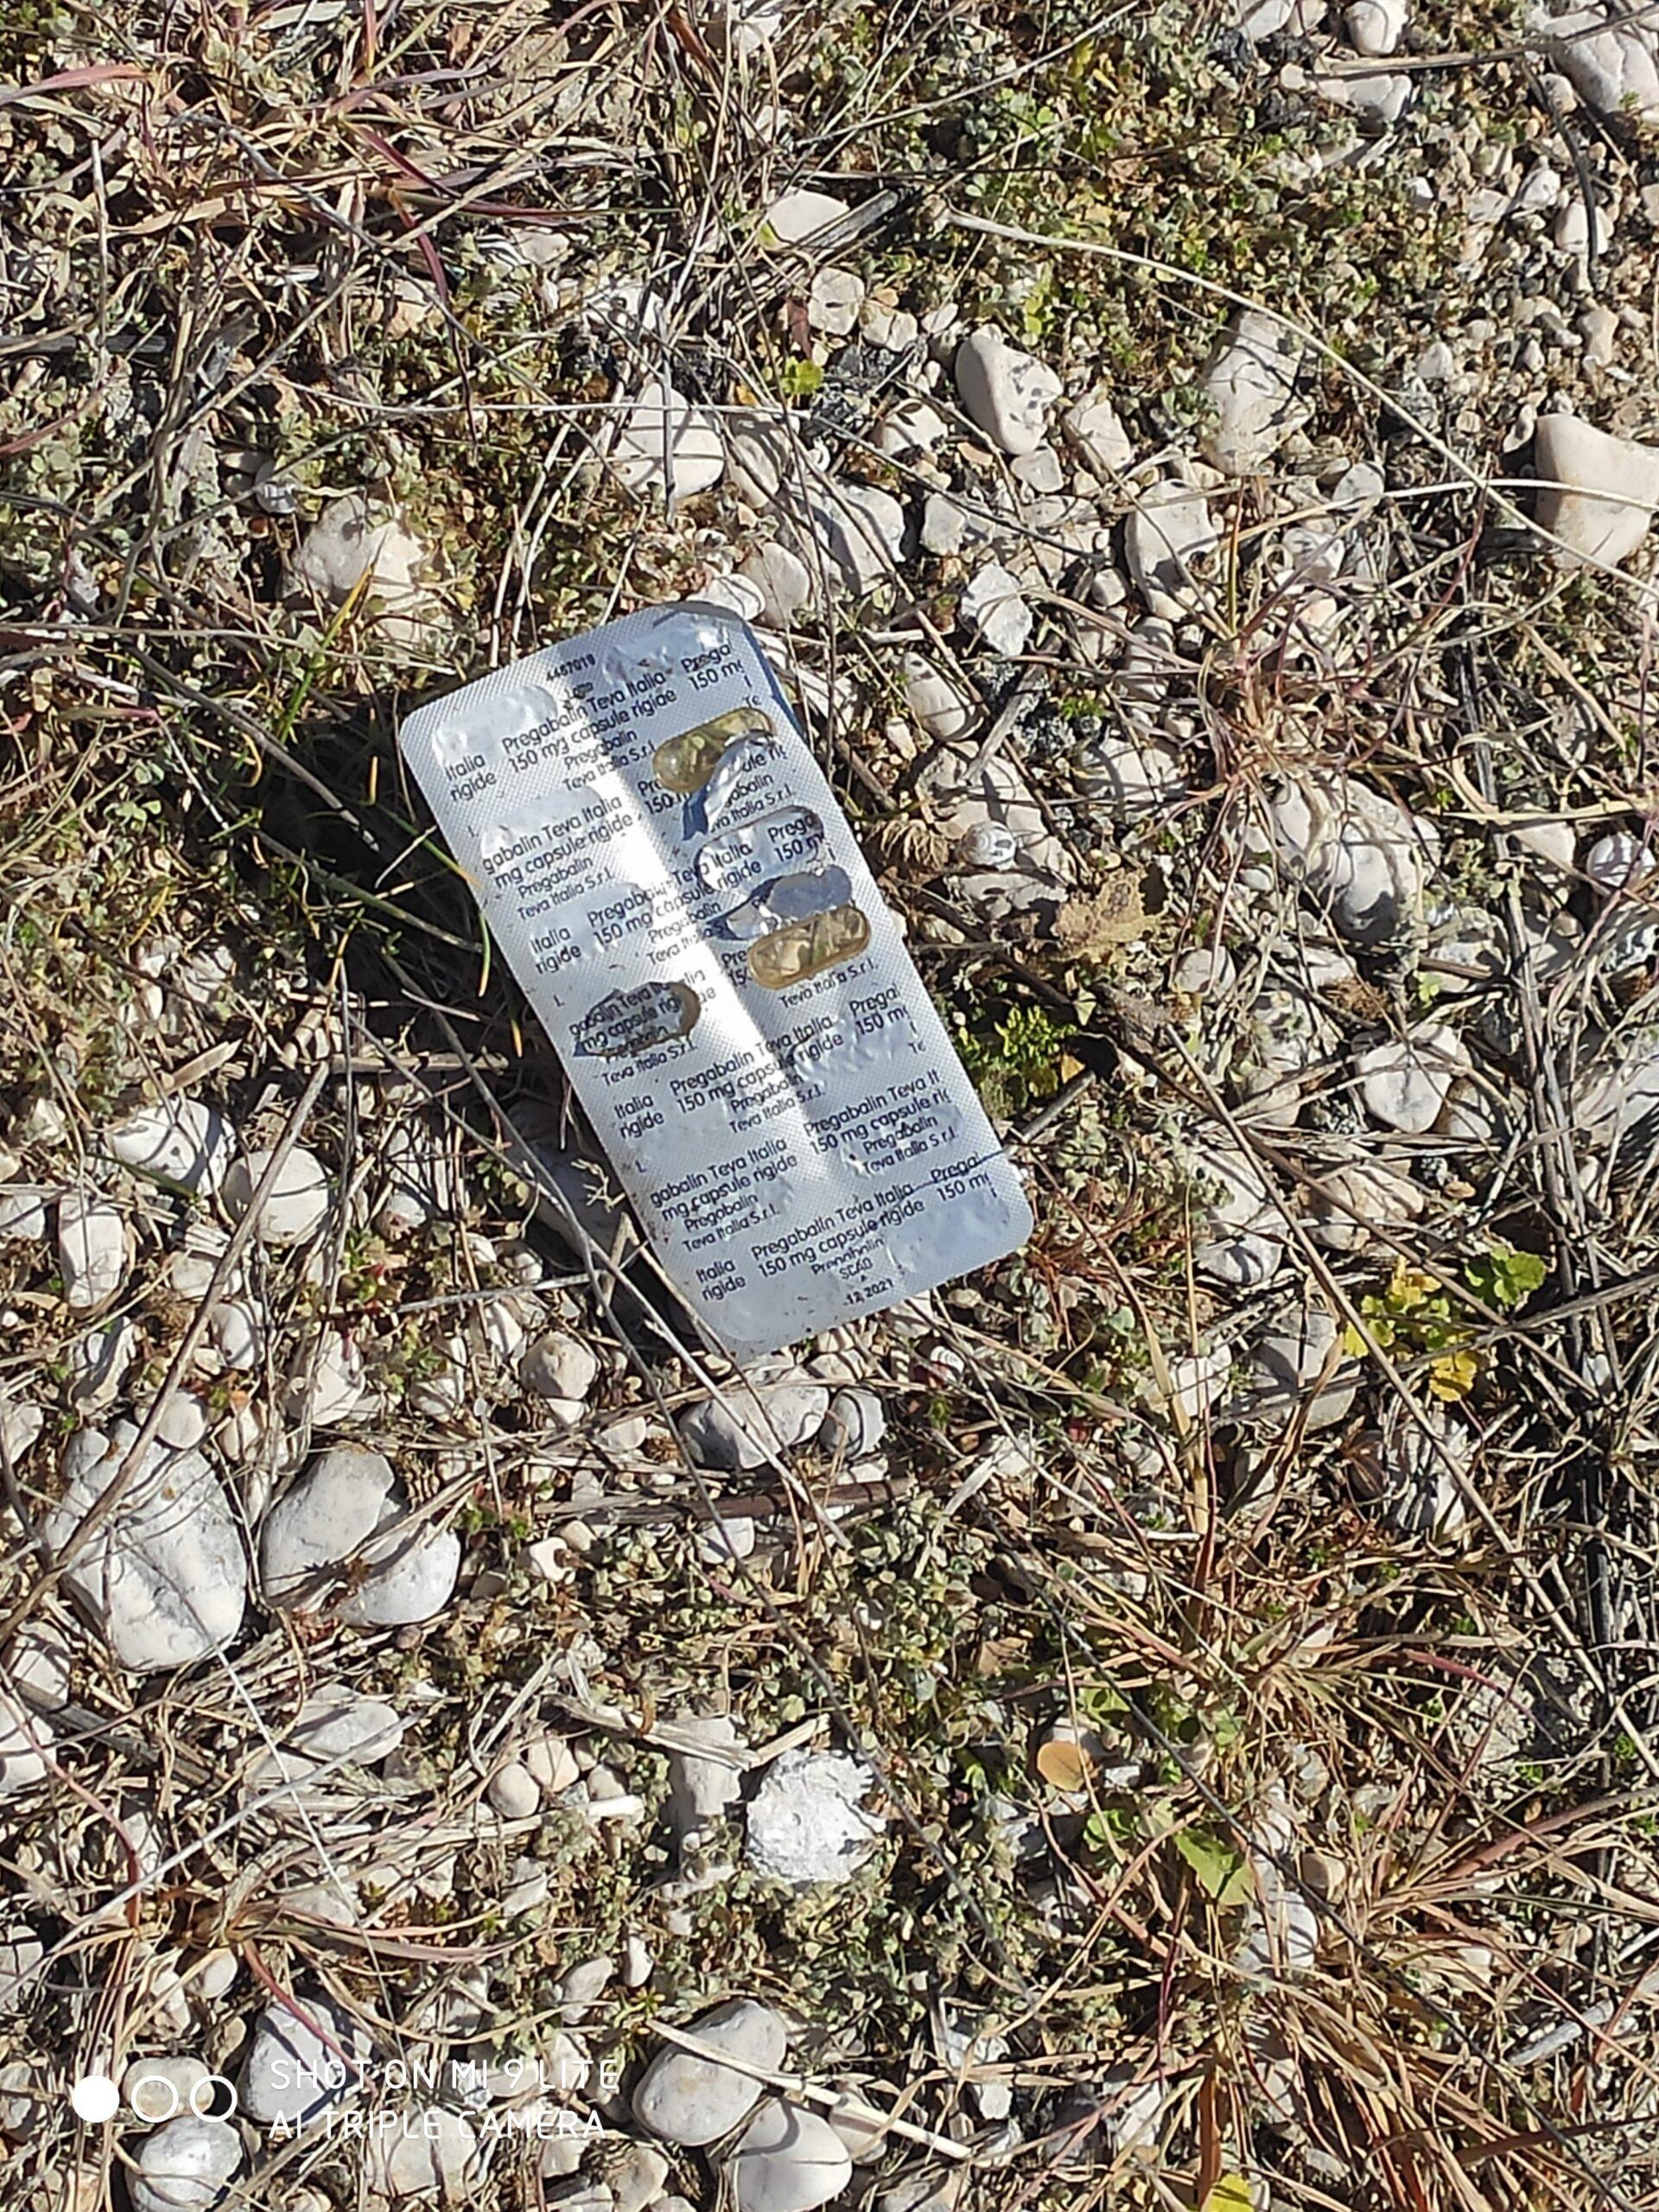 Nuova droga ad Avezzano : oltre al Metadone arriva anche il Pregabalin: flaconi e blister abbandonati nei pressi della pineta